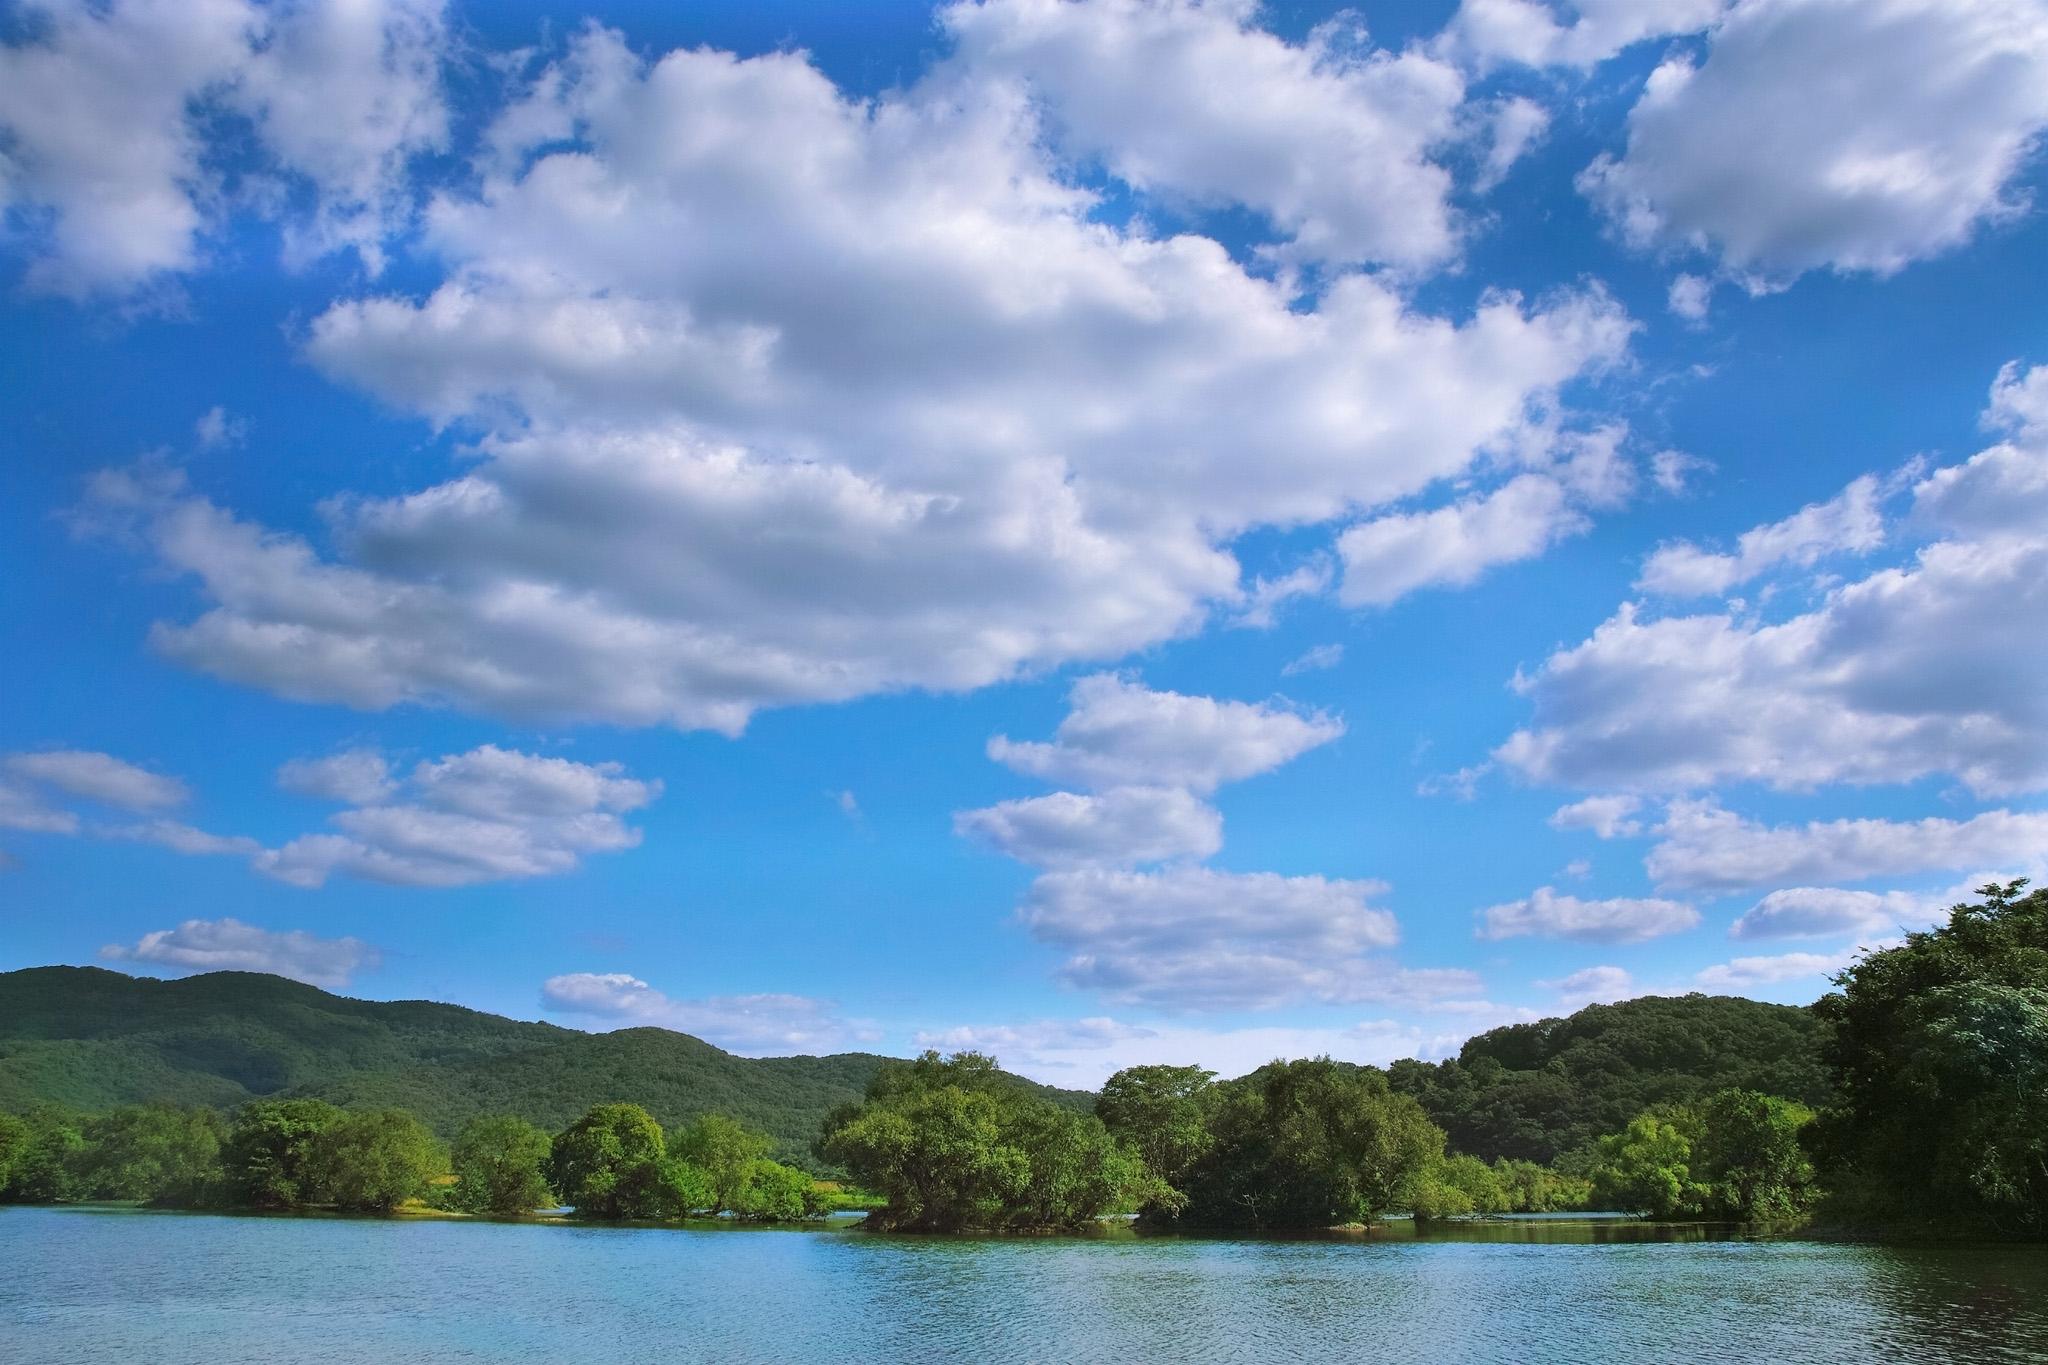 青空を映す穏やかな水面の川